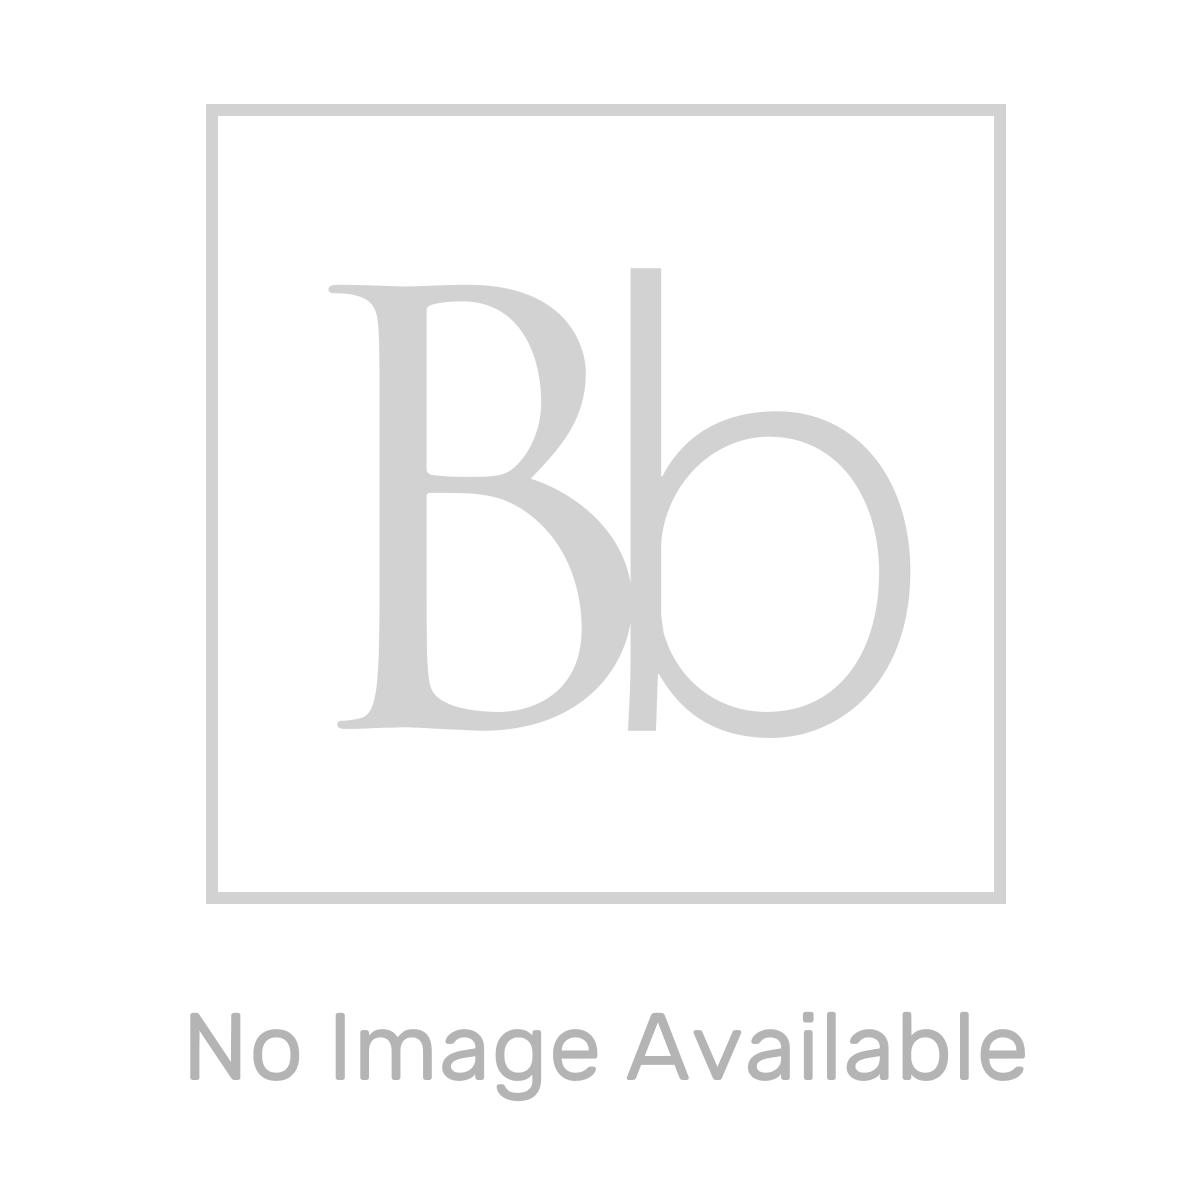 Premier Athena Natural Oak 2 Door Floor Standing Vanity Unit 600mm with Worktop